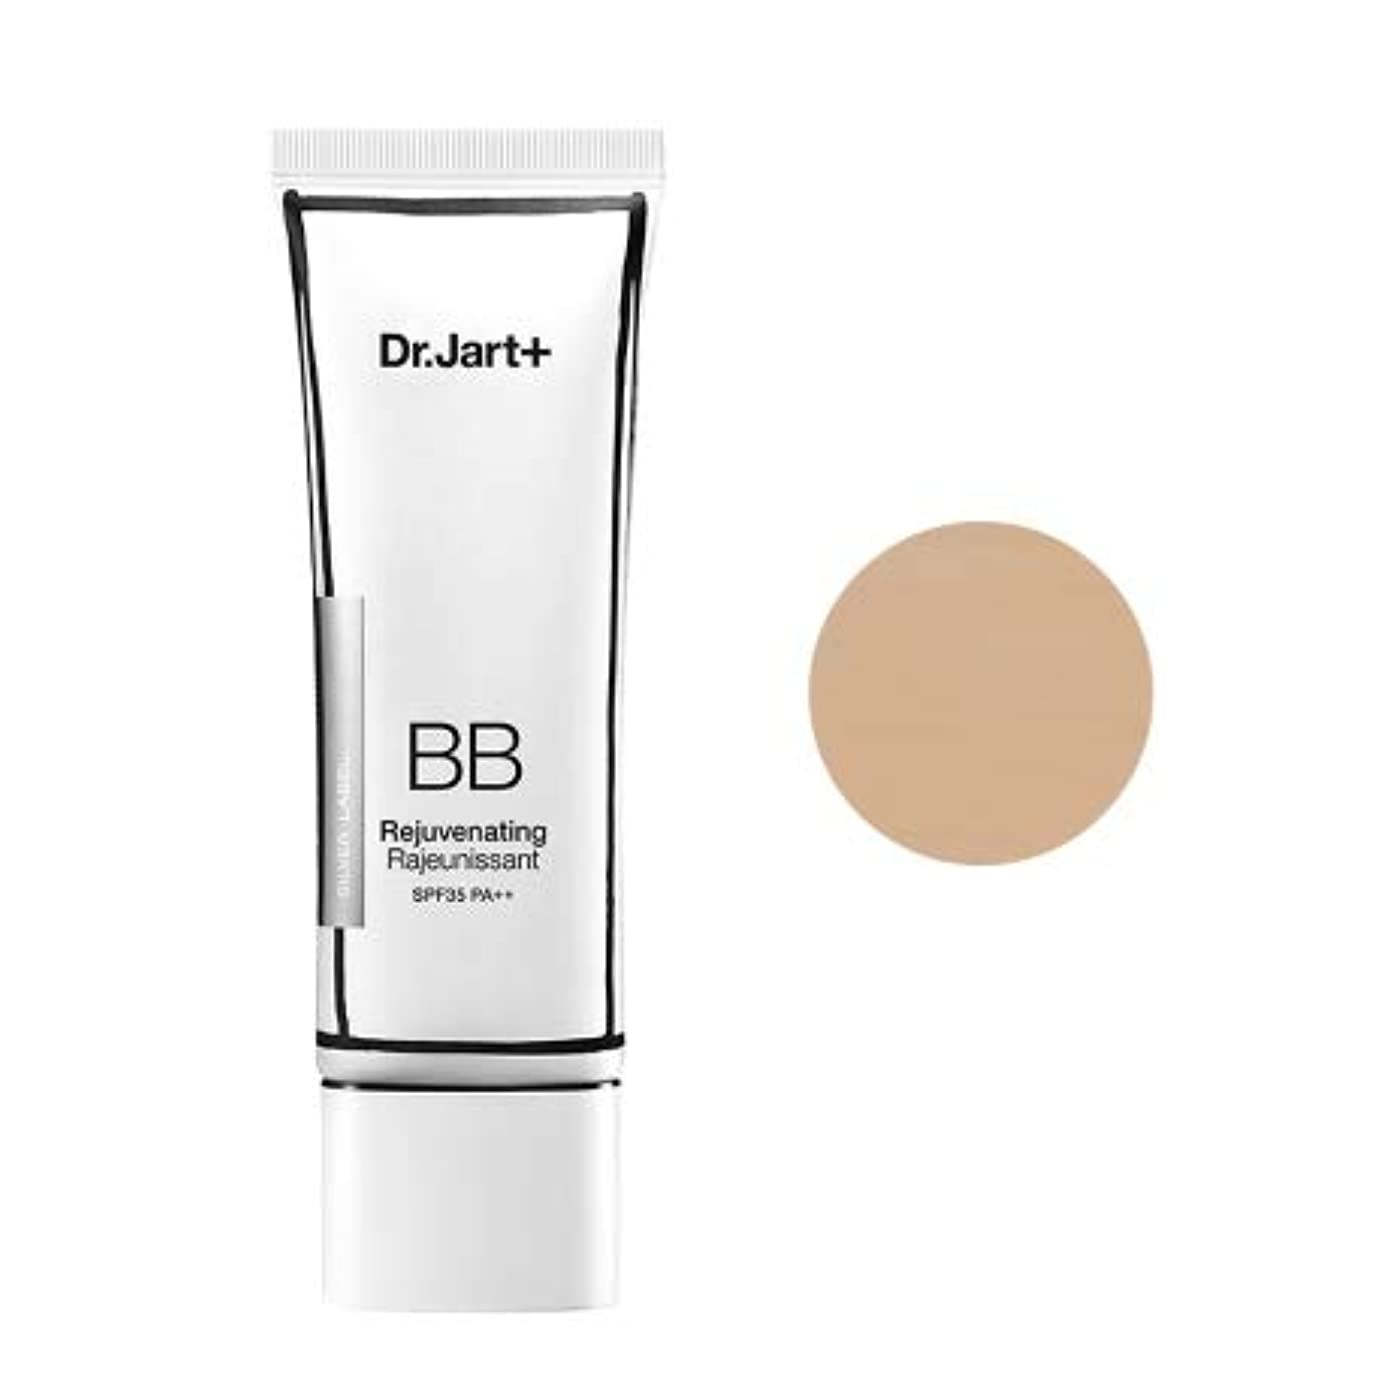 発揮する質量勝利[Upgrade] Dr.Jart+Dermakeup Rejuvenating Beauty Balm SPF35 PA++ 50ml /ドクタージャルトゥザメーキャップリージュビネイティンビューティーバーム SPF35...